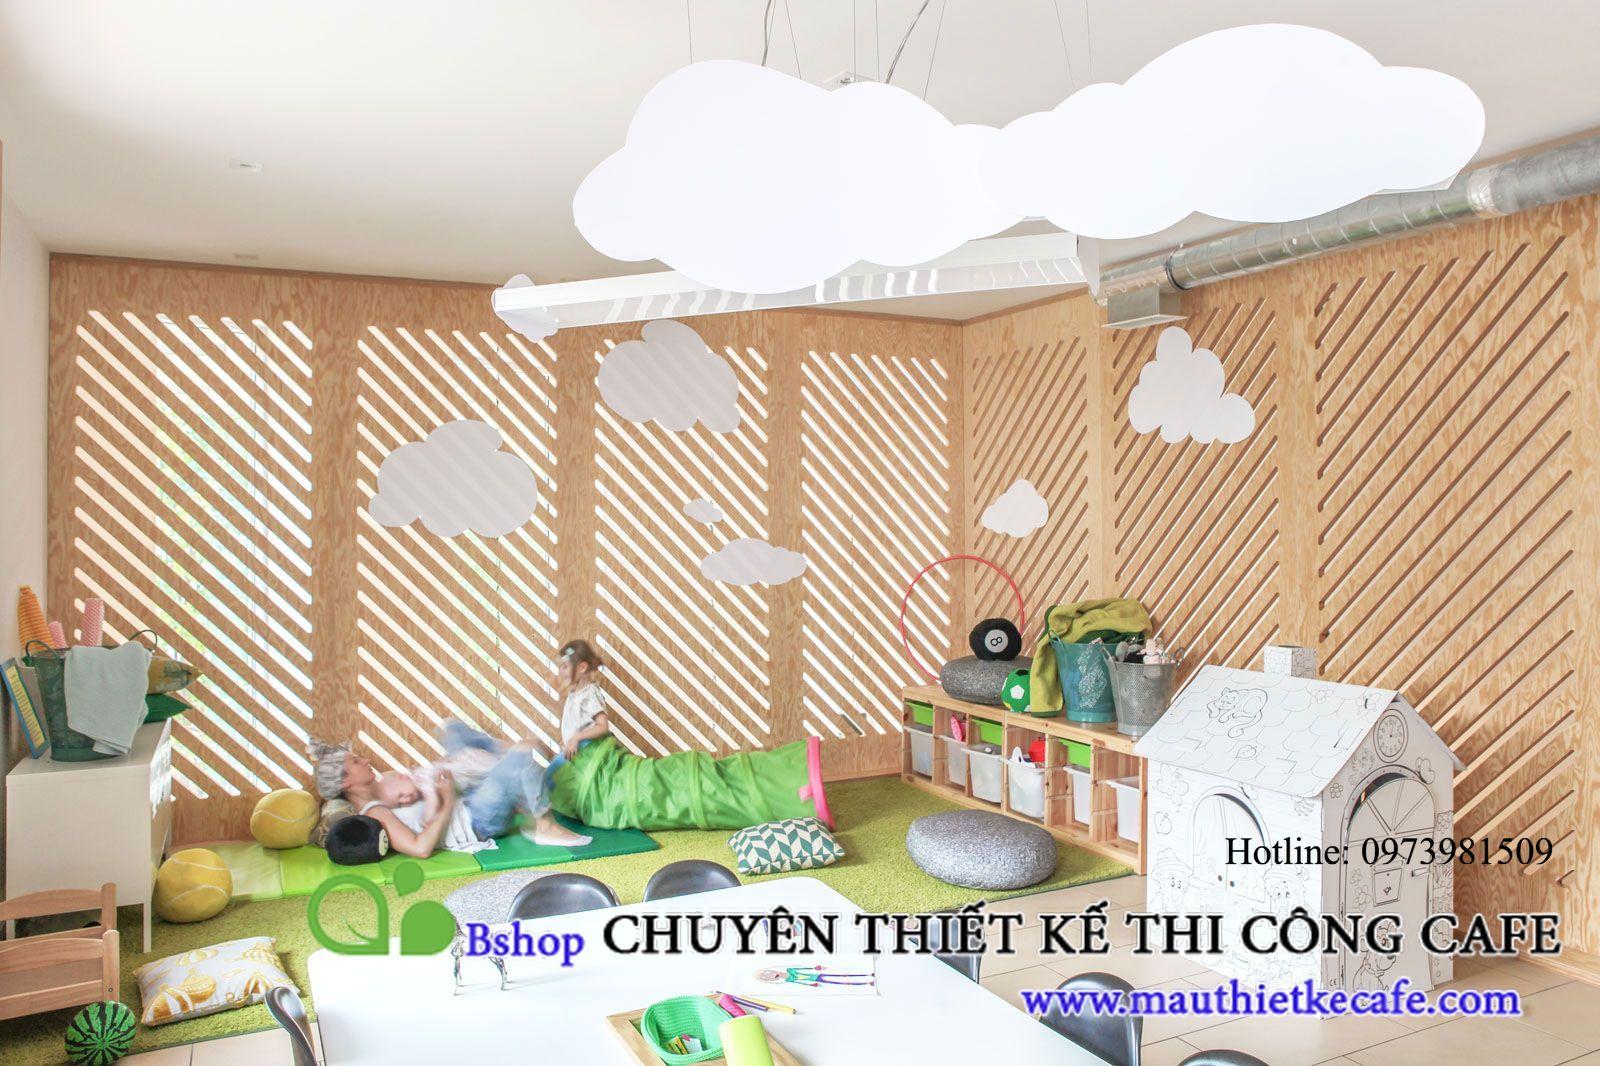 QUAN-CAFE-DANH-CHO-CAC-GIA-DINH-TRE (11)_MAUTHIETKECAFE.COM